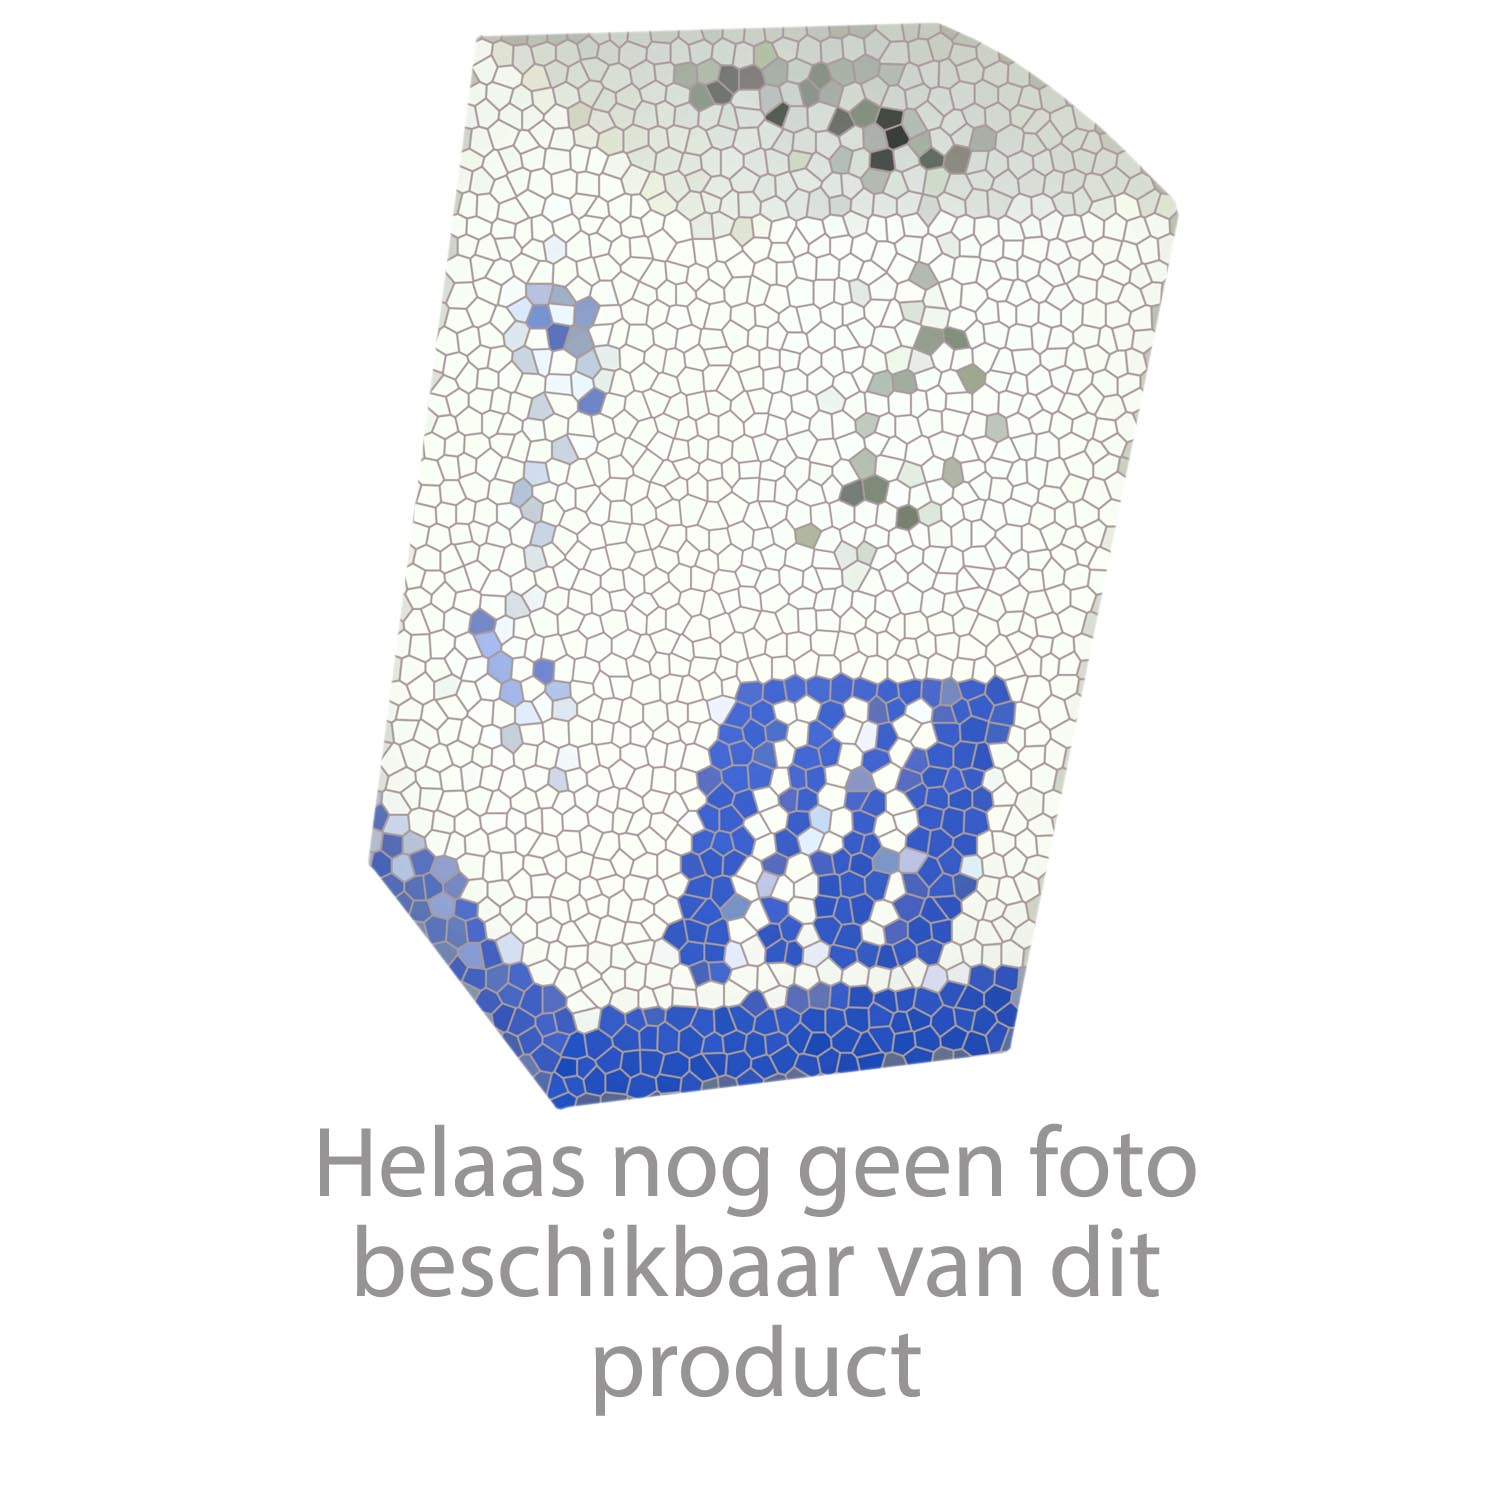 HansGrohe Afvoer- en overloopgarnituren Flexaplus productiejaar 02/88 - 03/00 58543180 onderdelen